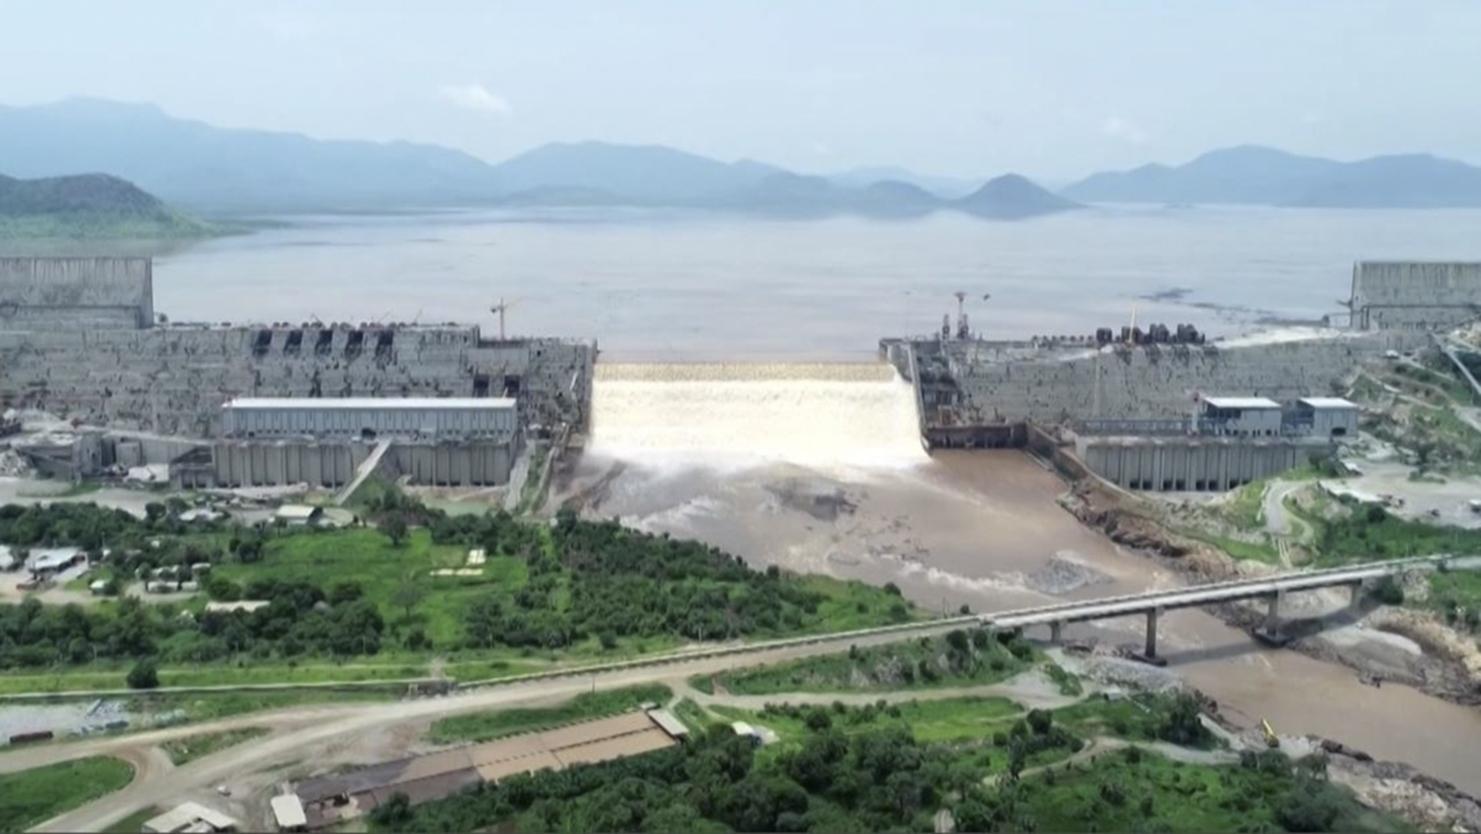 Etiópia megtiltotta a repülést a gigantikus Nílus-gát fölött, melynek építését a környező országok nem nézik jó szemmel